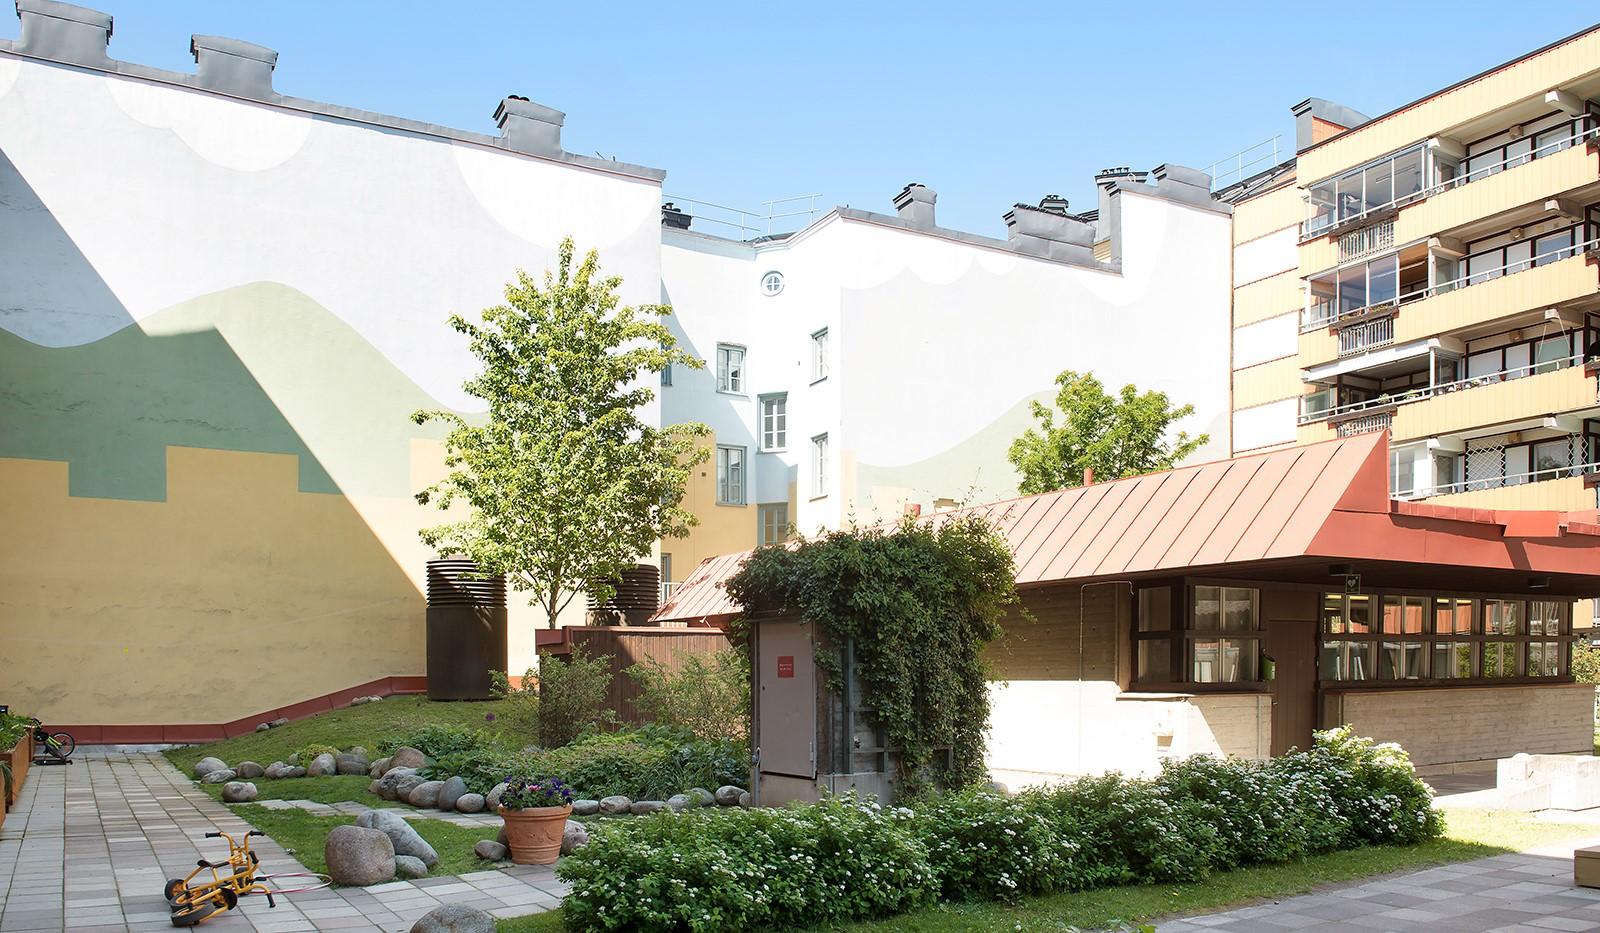 Folkungagatan 58 - Här ligger även föreningens tvättstuga i ett fristående hus